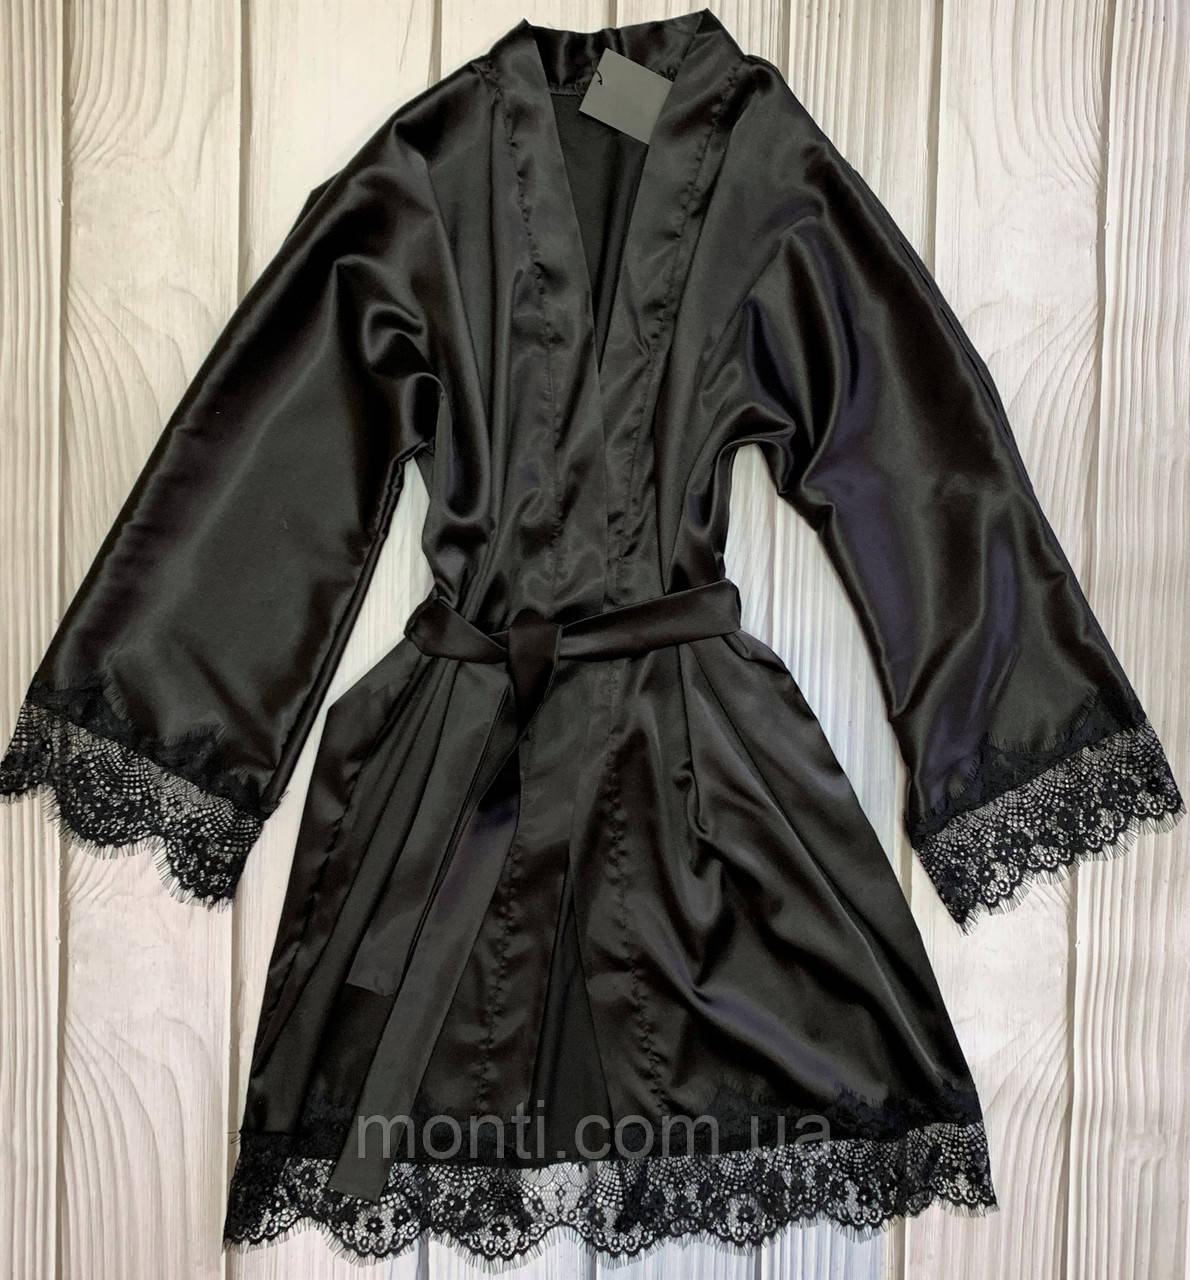 Вишуканий атласний жіночий халат з французьким мереживом